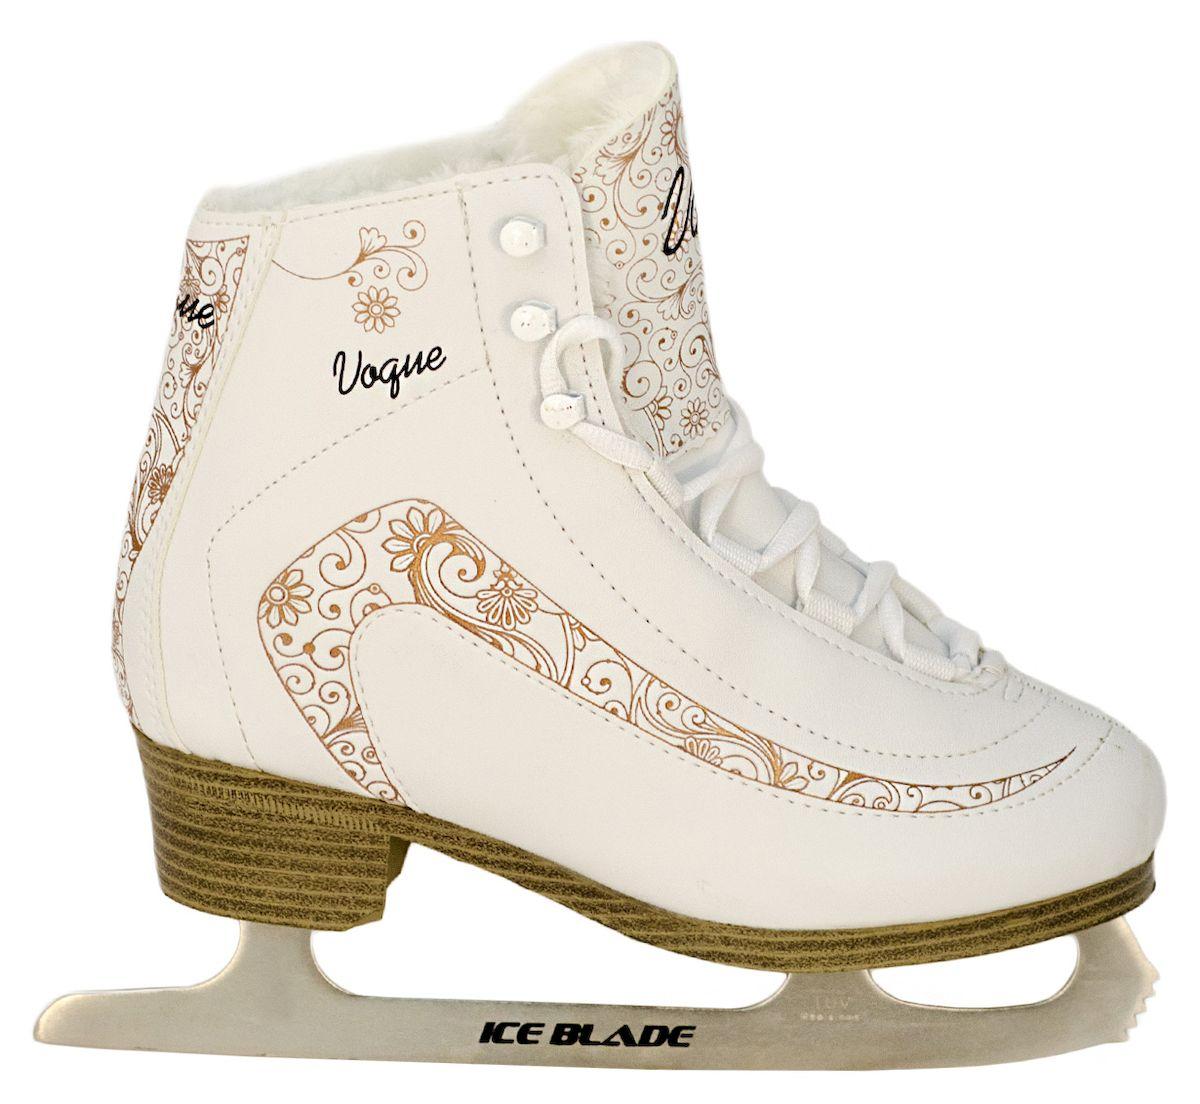 цены Коньки фигурные Ice Blade Vogue, цвет: белый, золотой. УТ-00006871. Размер 32